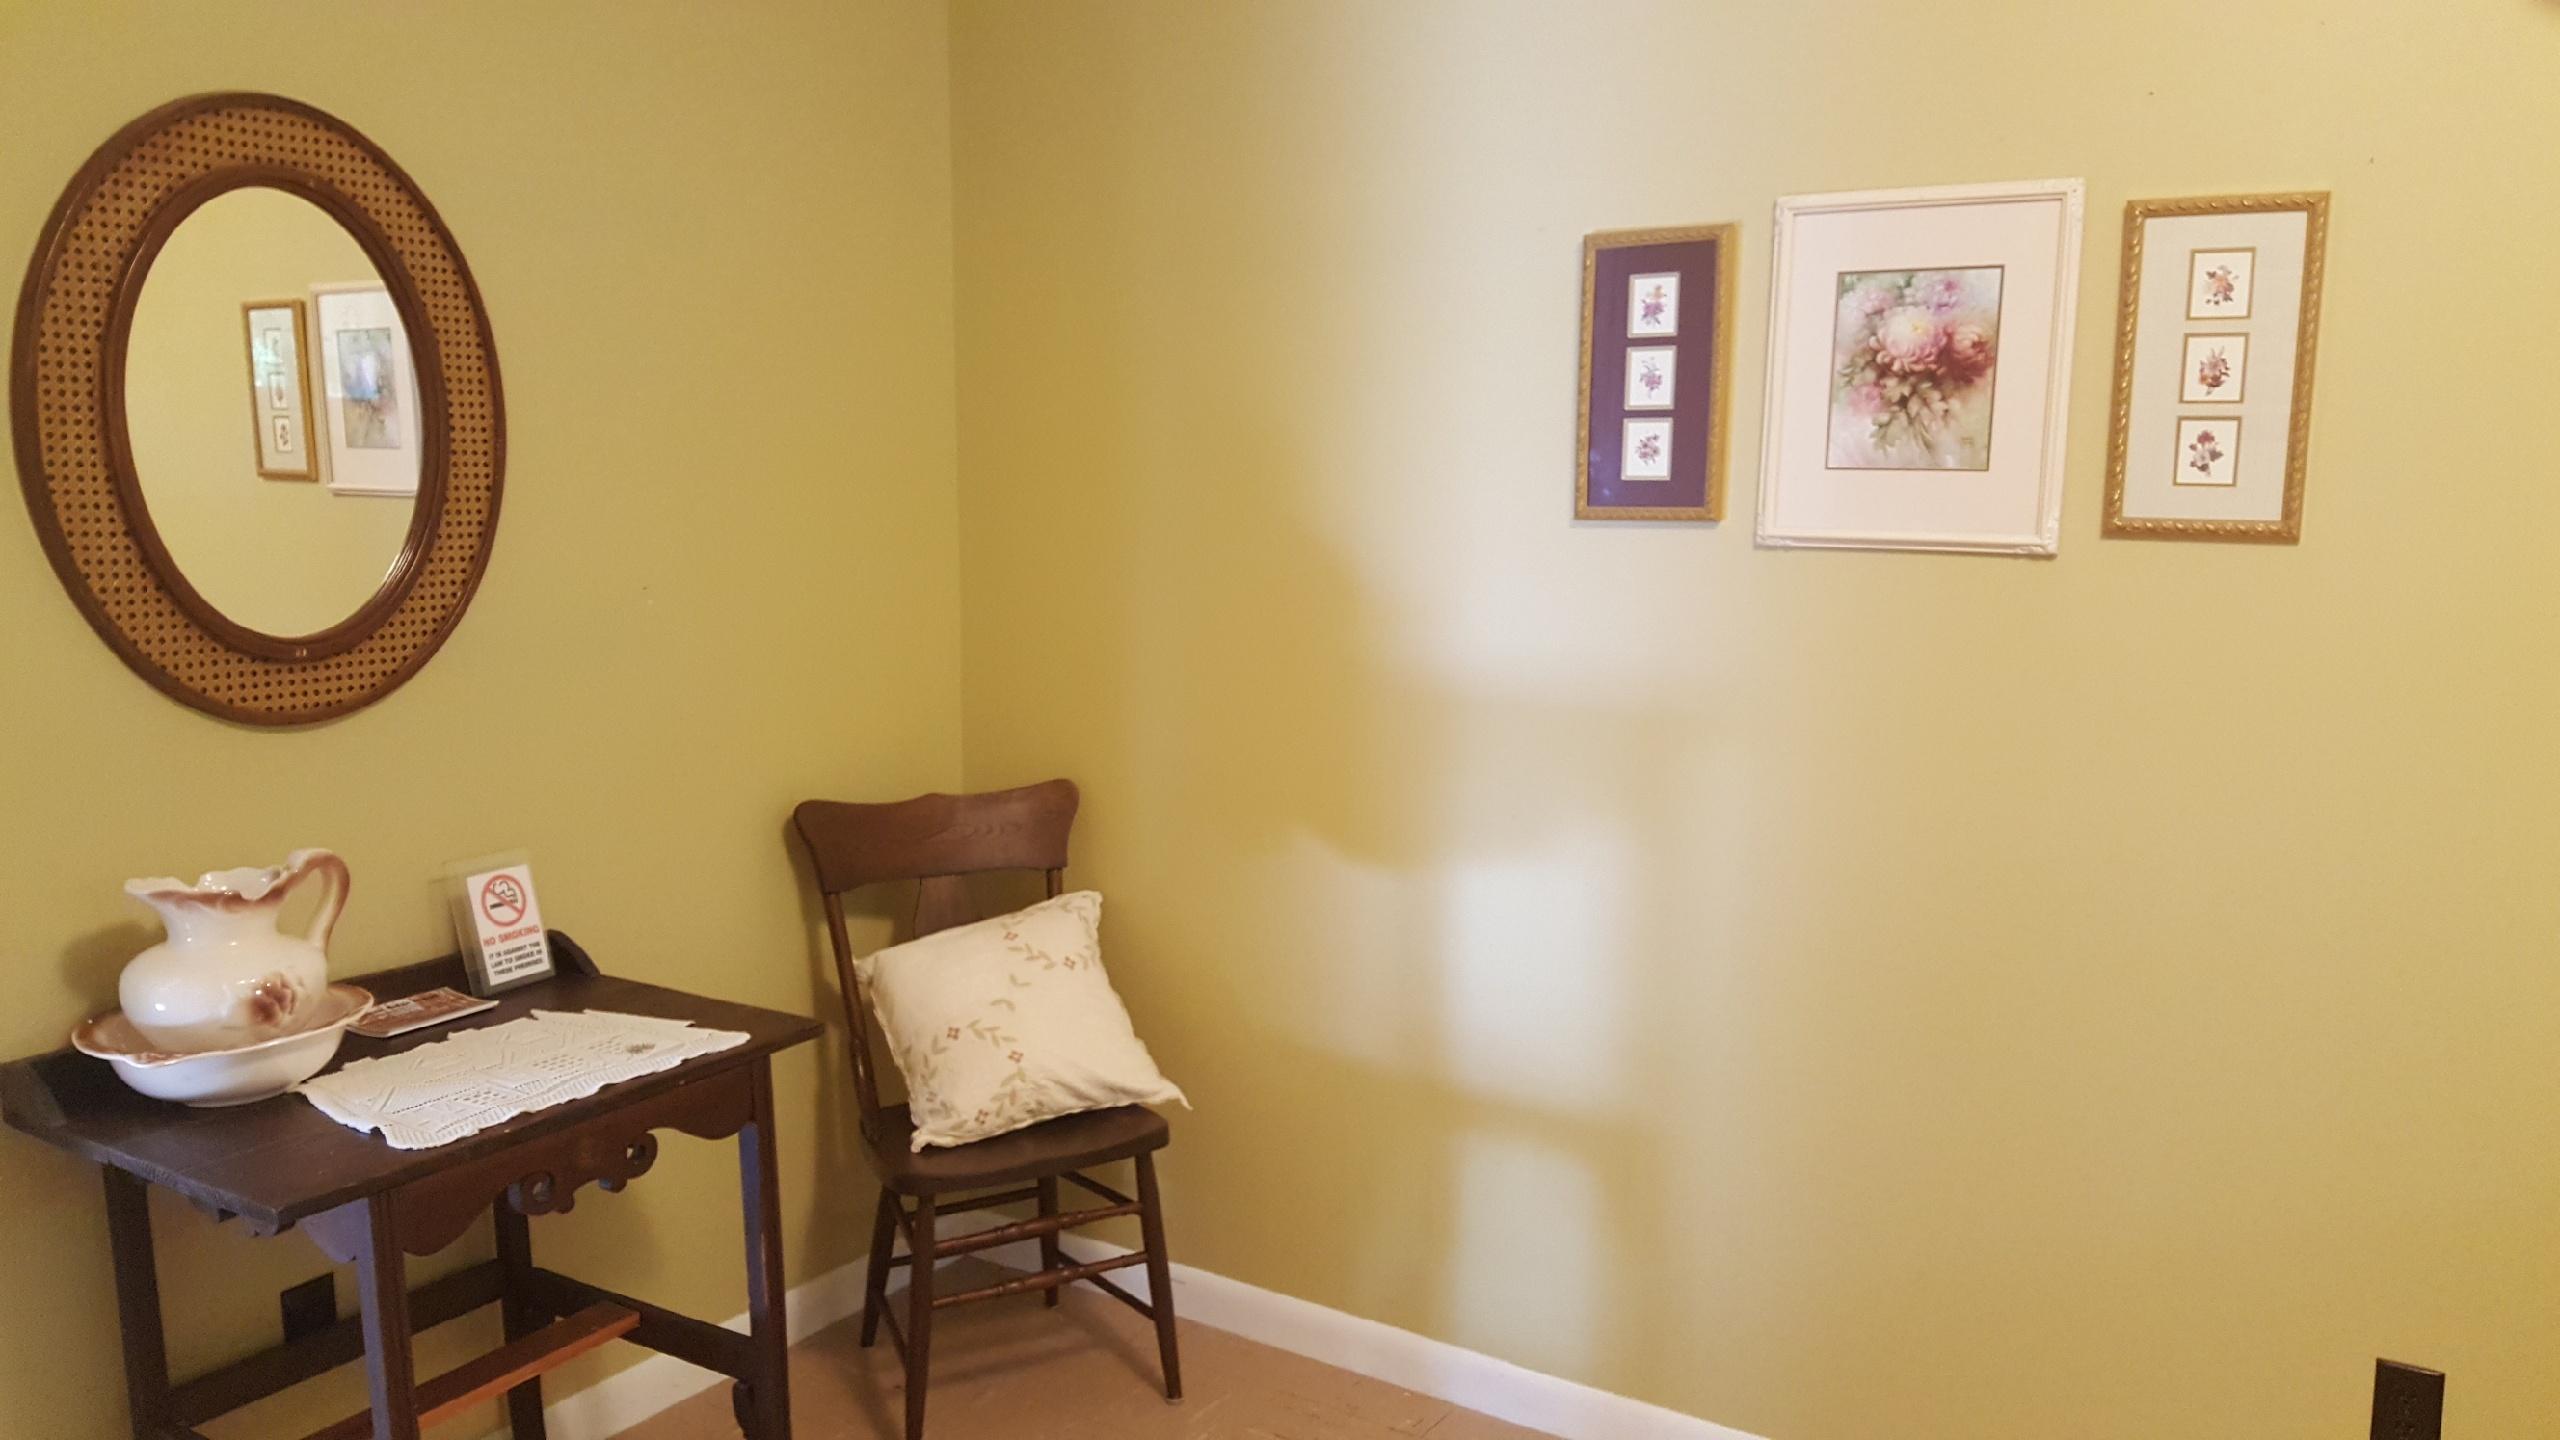 Inn room 8.1